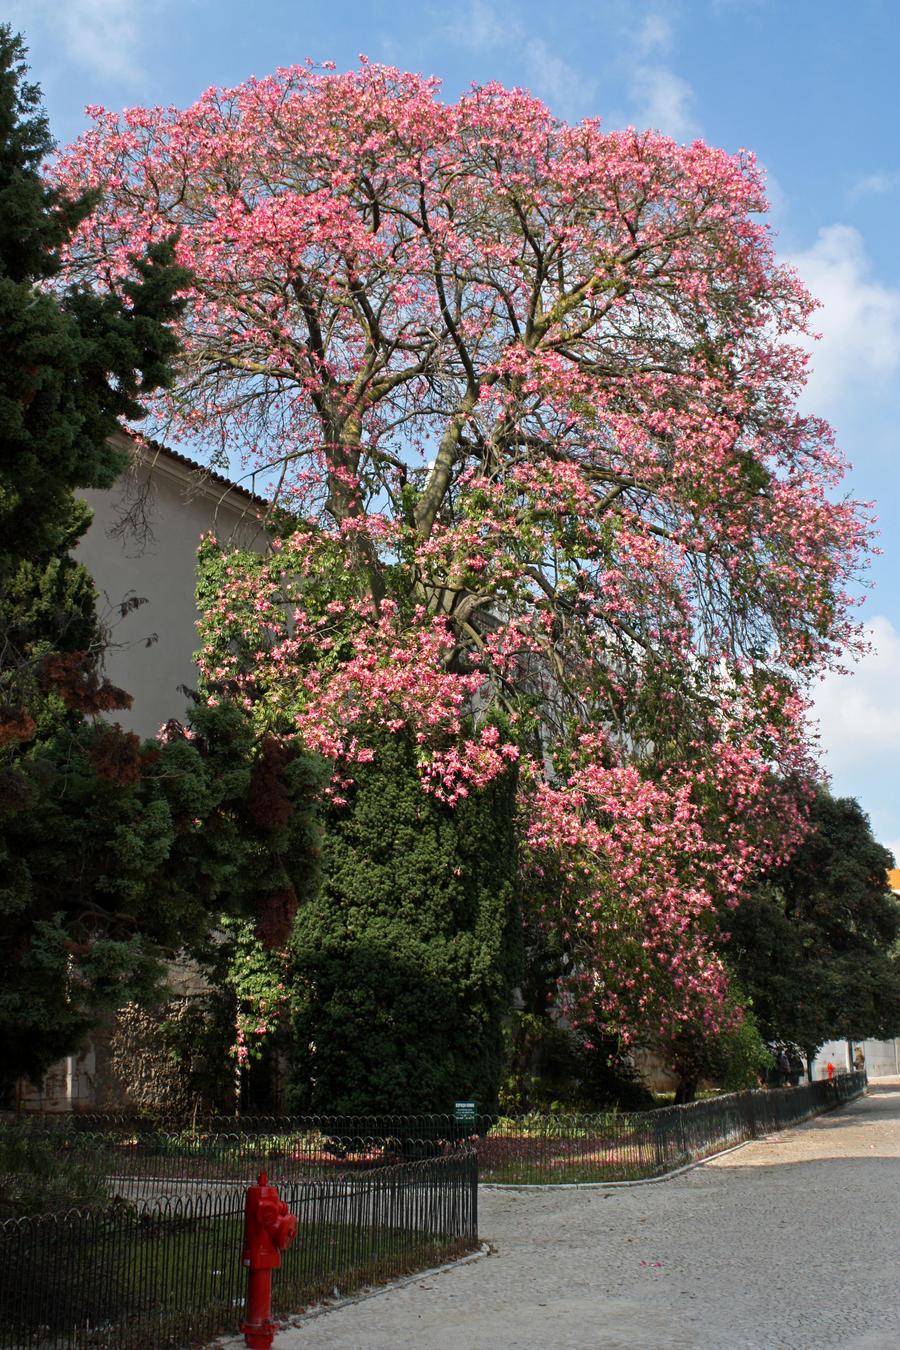 Arbol de flores rosas by serendipi7y on deviantart - Arbol de rosas ...